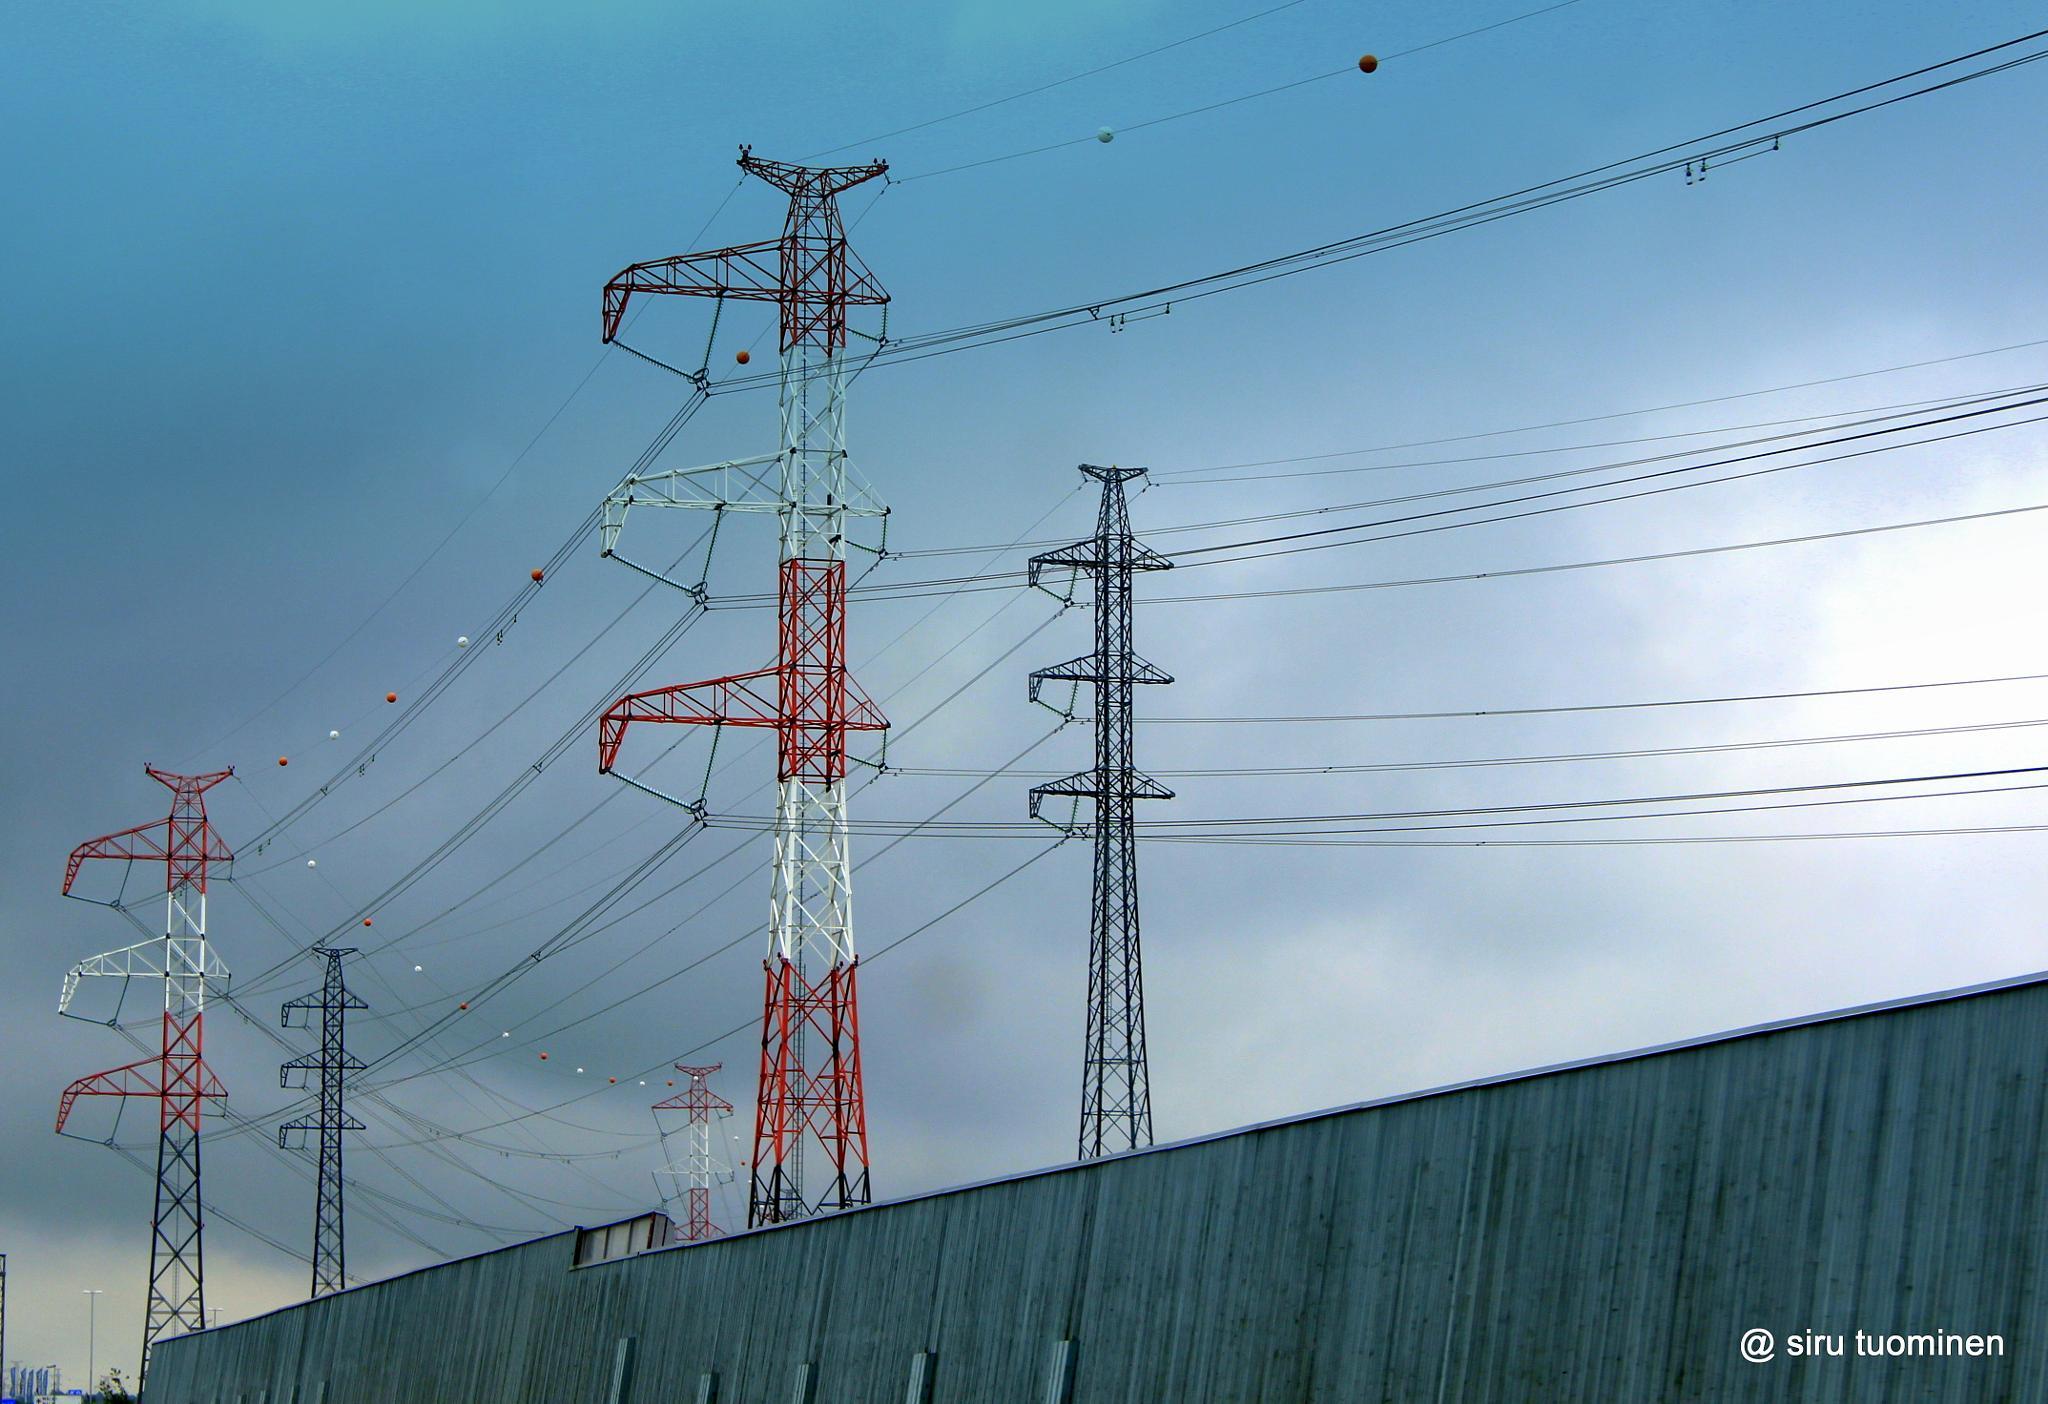 High-voltage power by siru tuominen